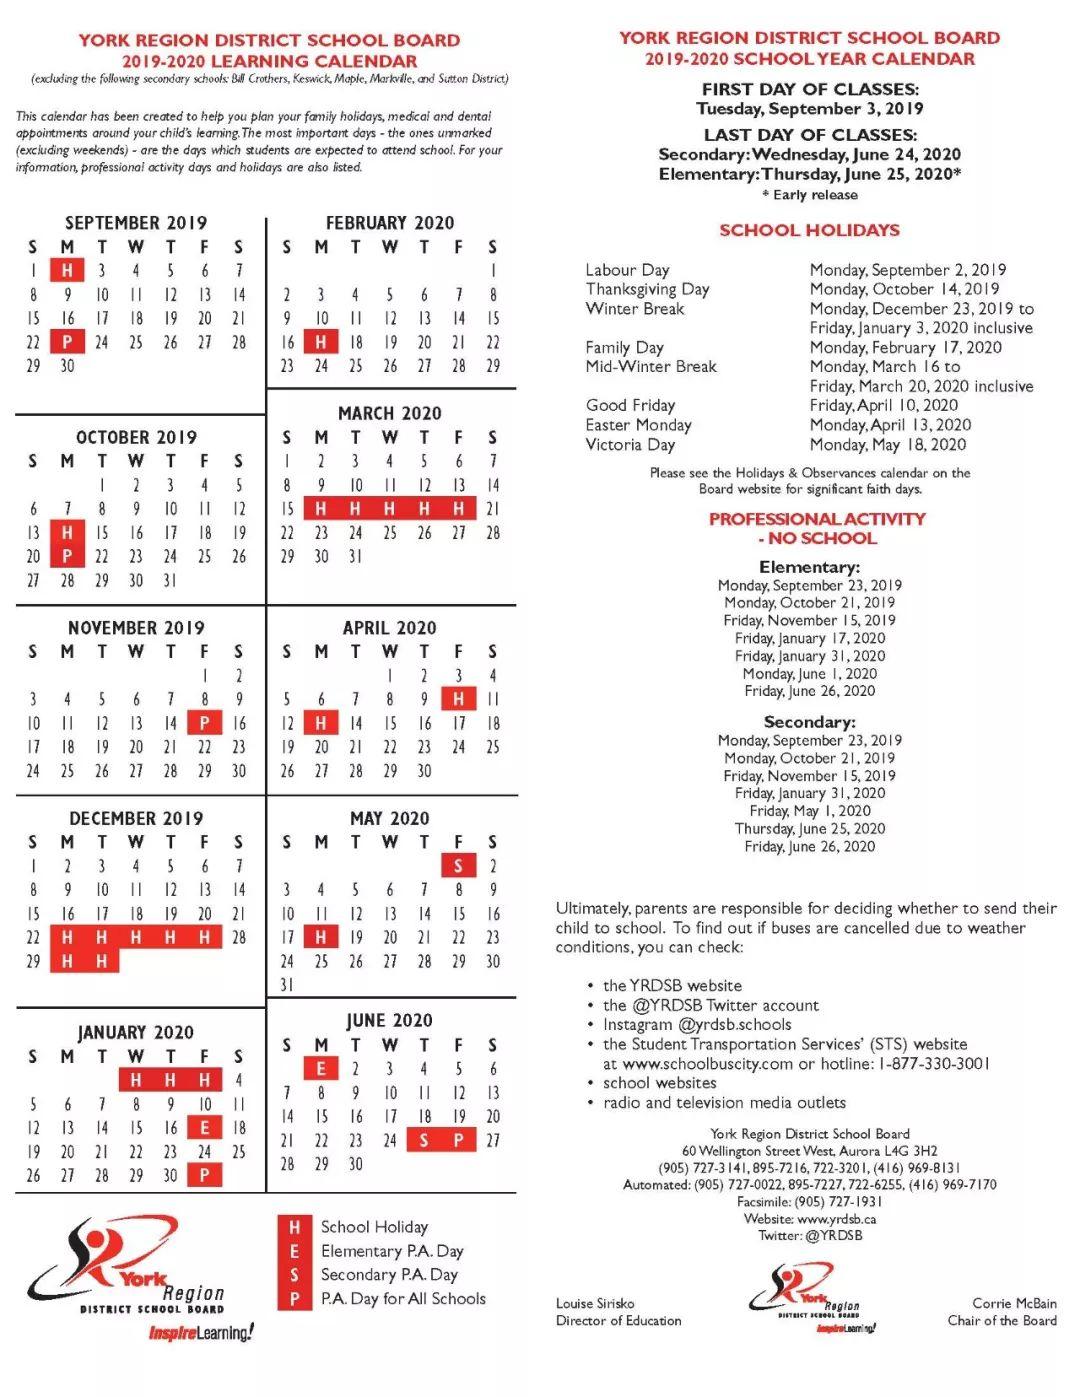 Yrdsb 2019-2020学年中小学时间安排 throughout Yrdsb Calendar 2020